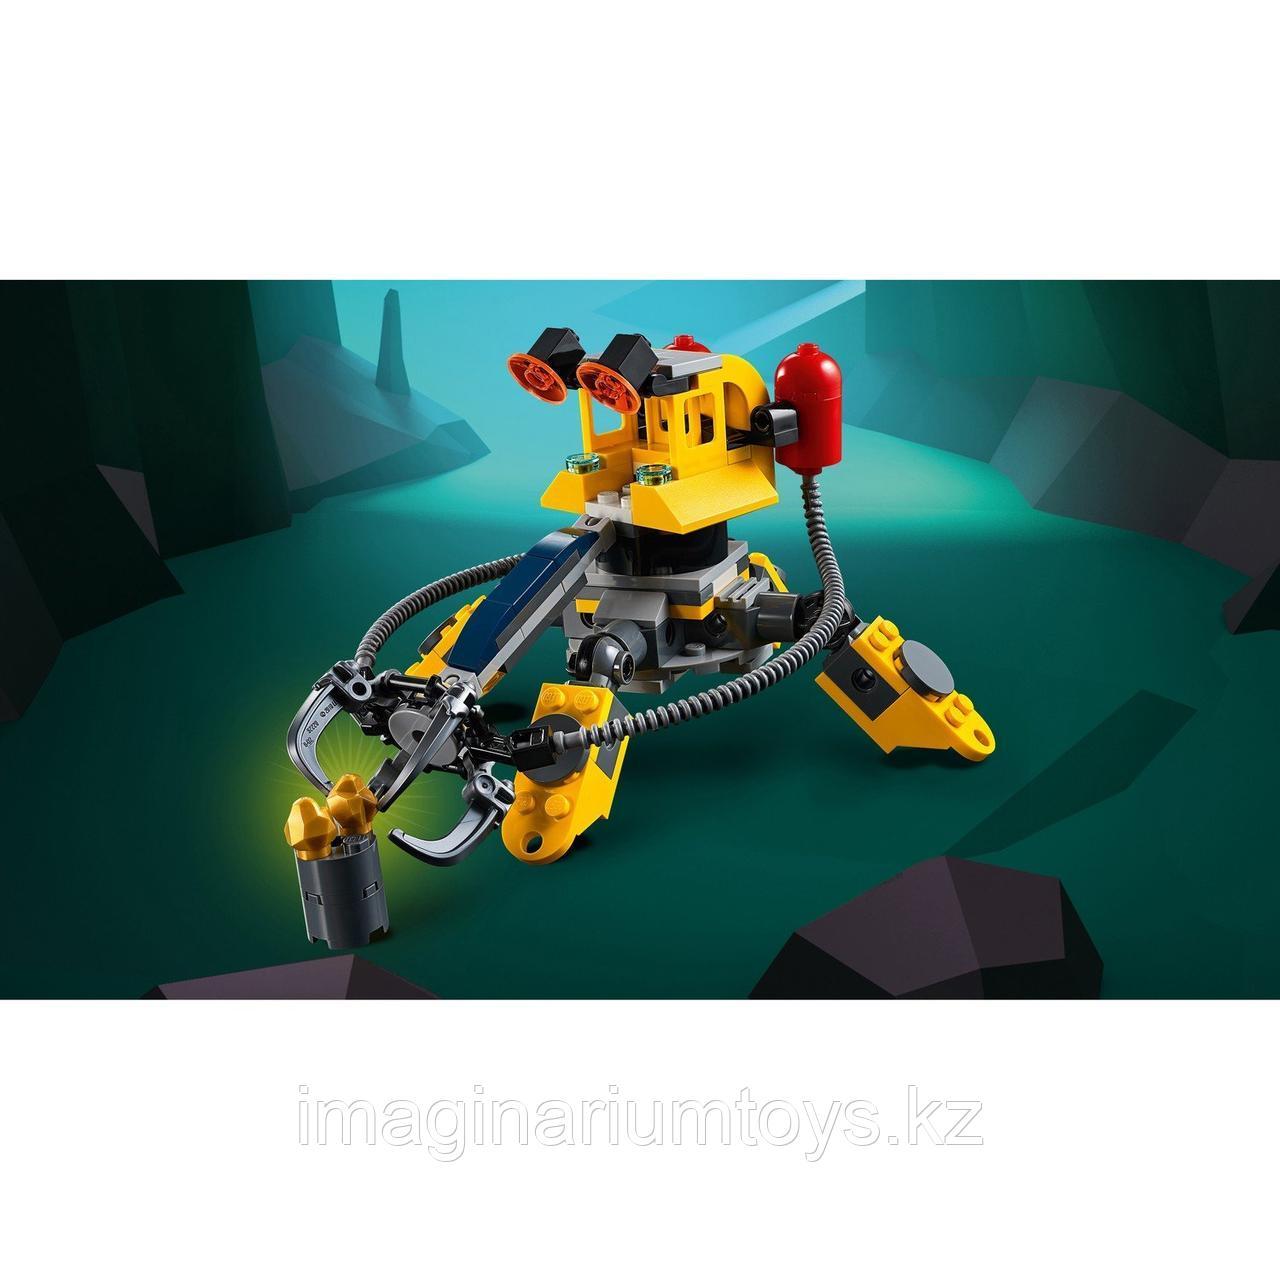 Конструктор LEGO Creator 3 в 1 Робот для подводных исследований 31090 - фото 3